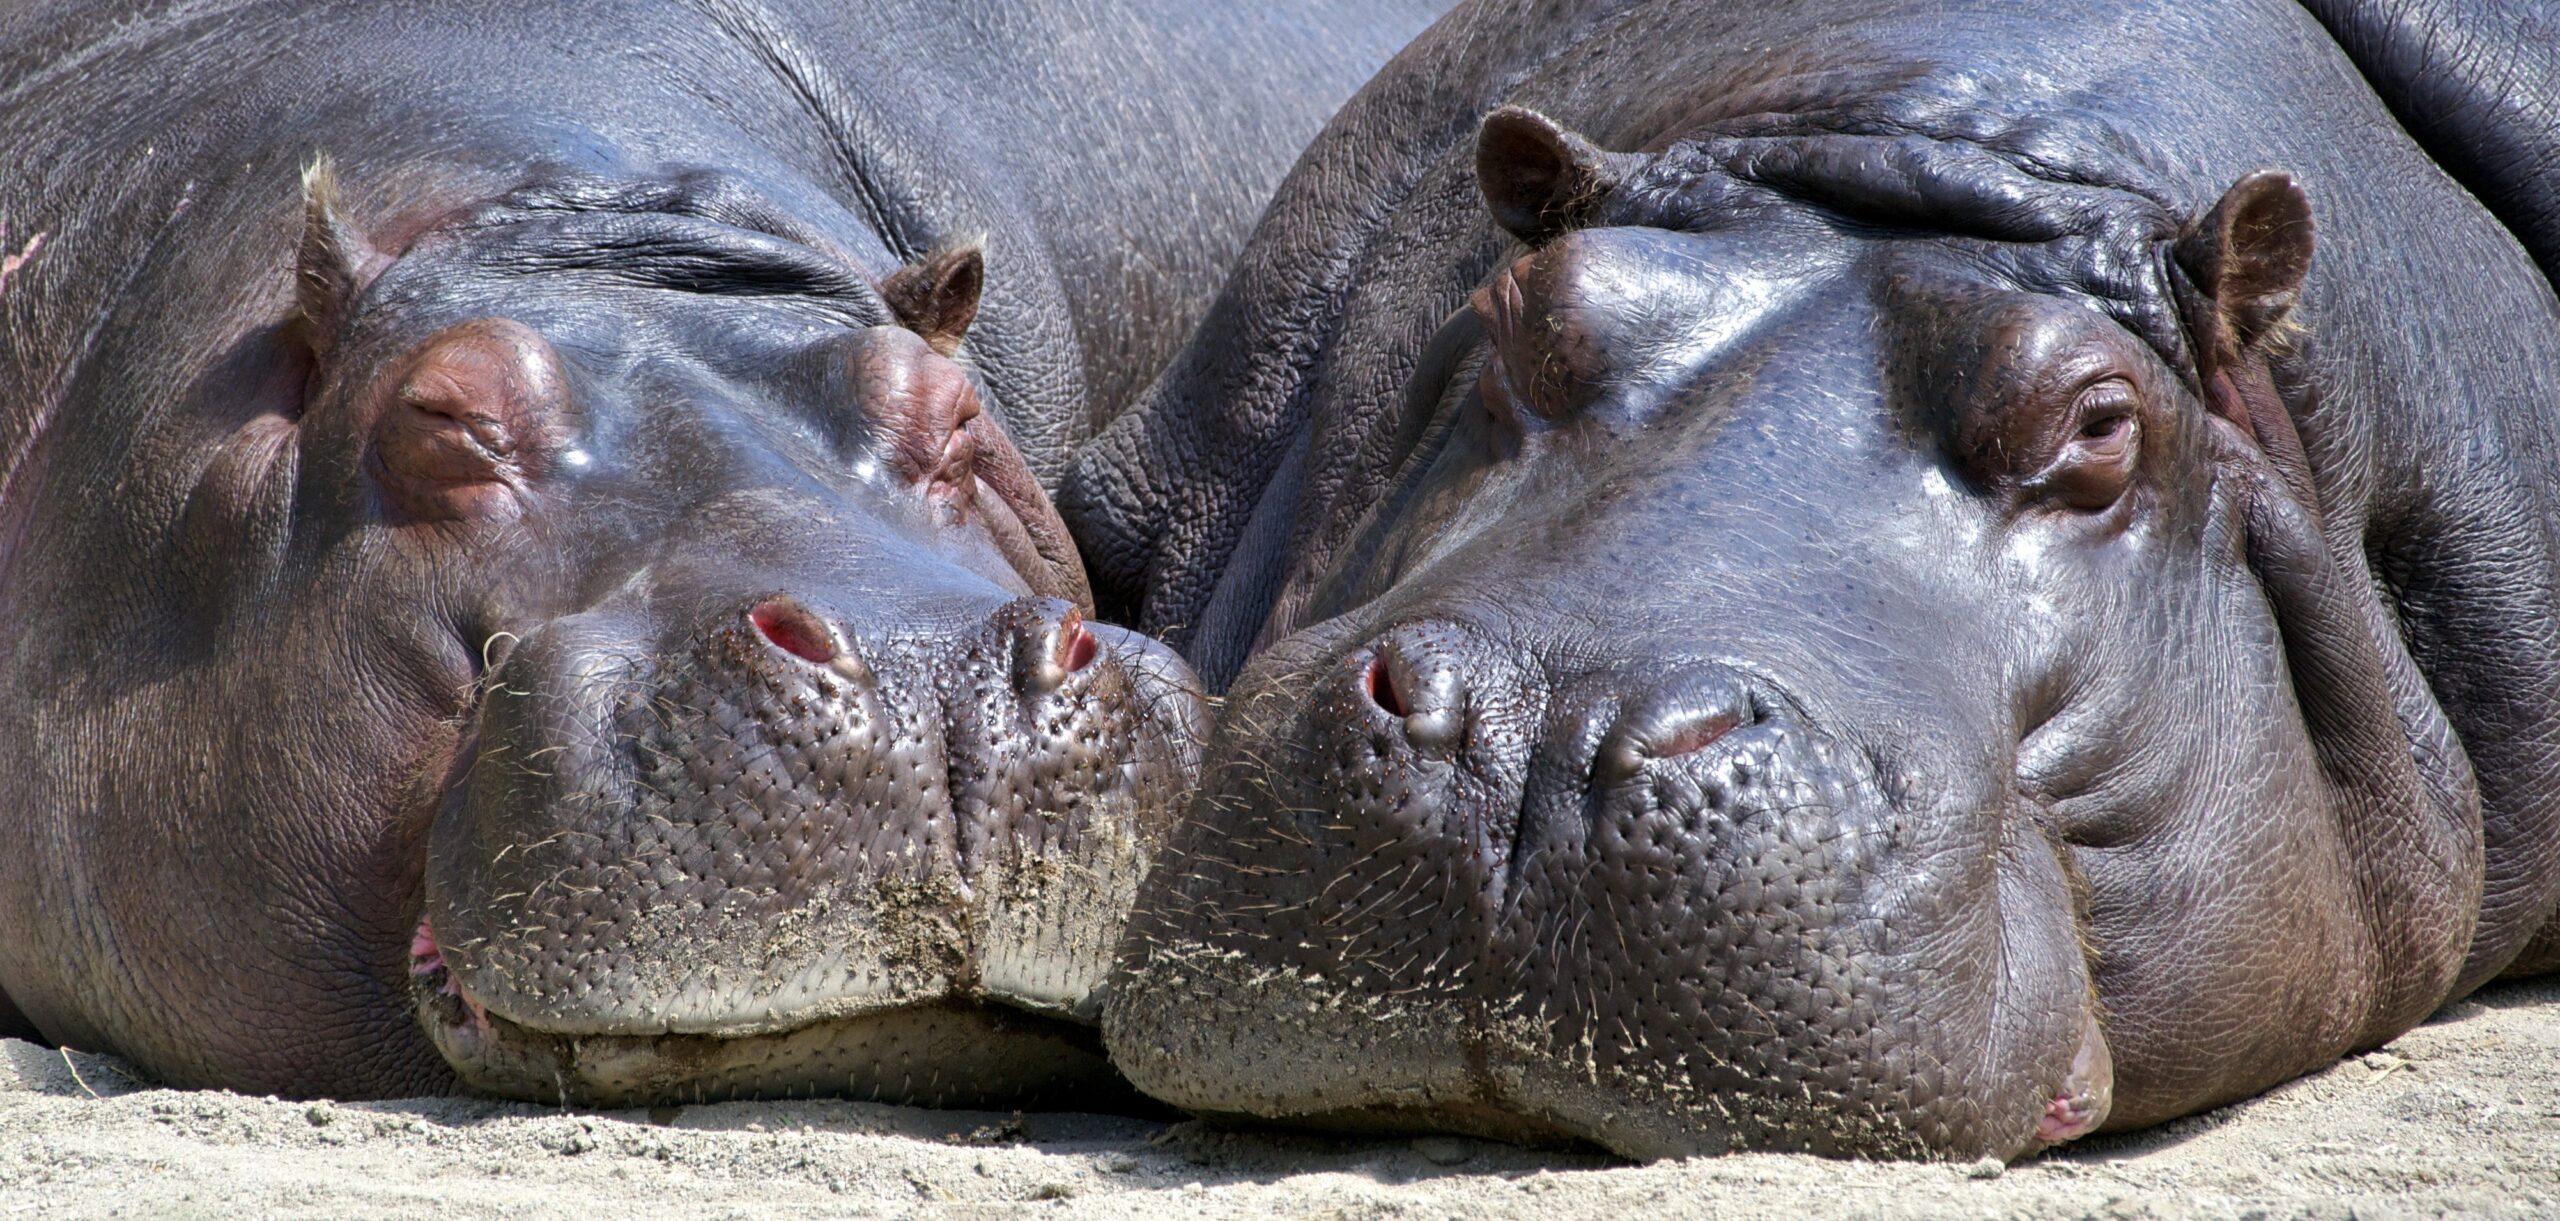 Escobar's Hippos